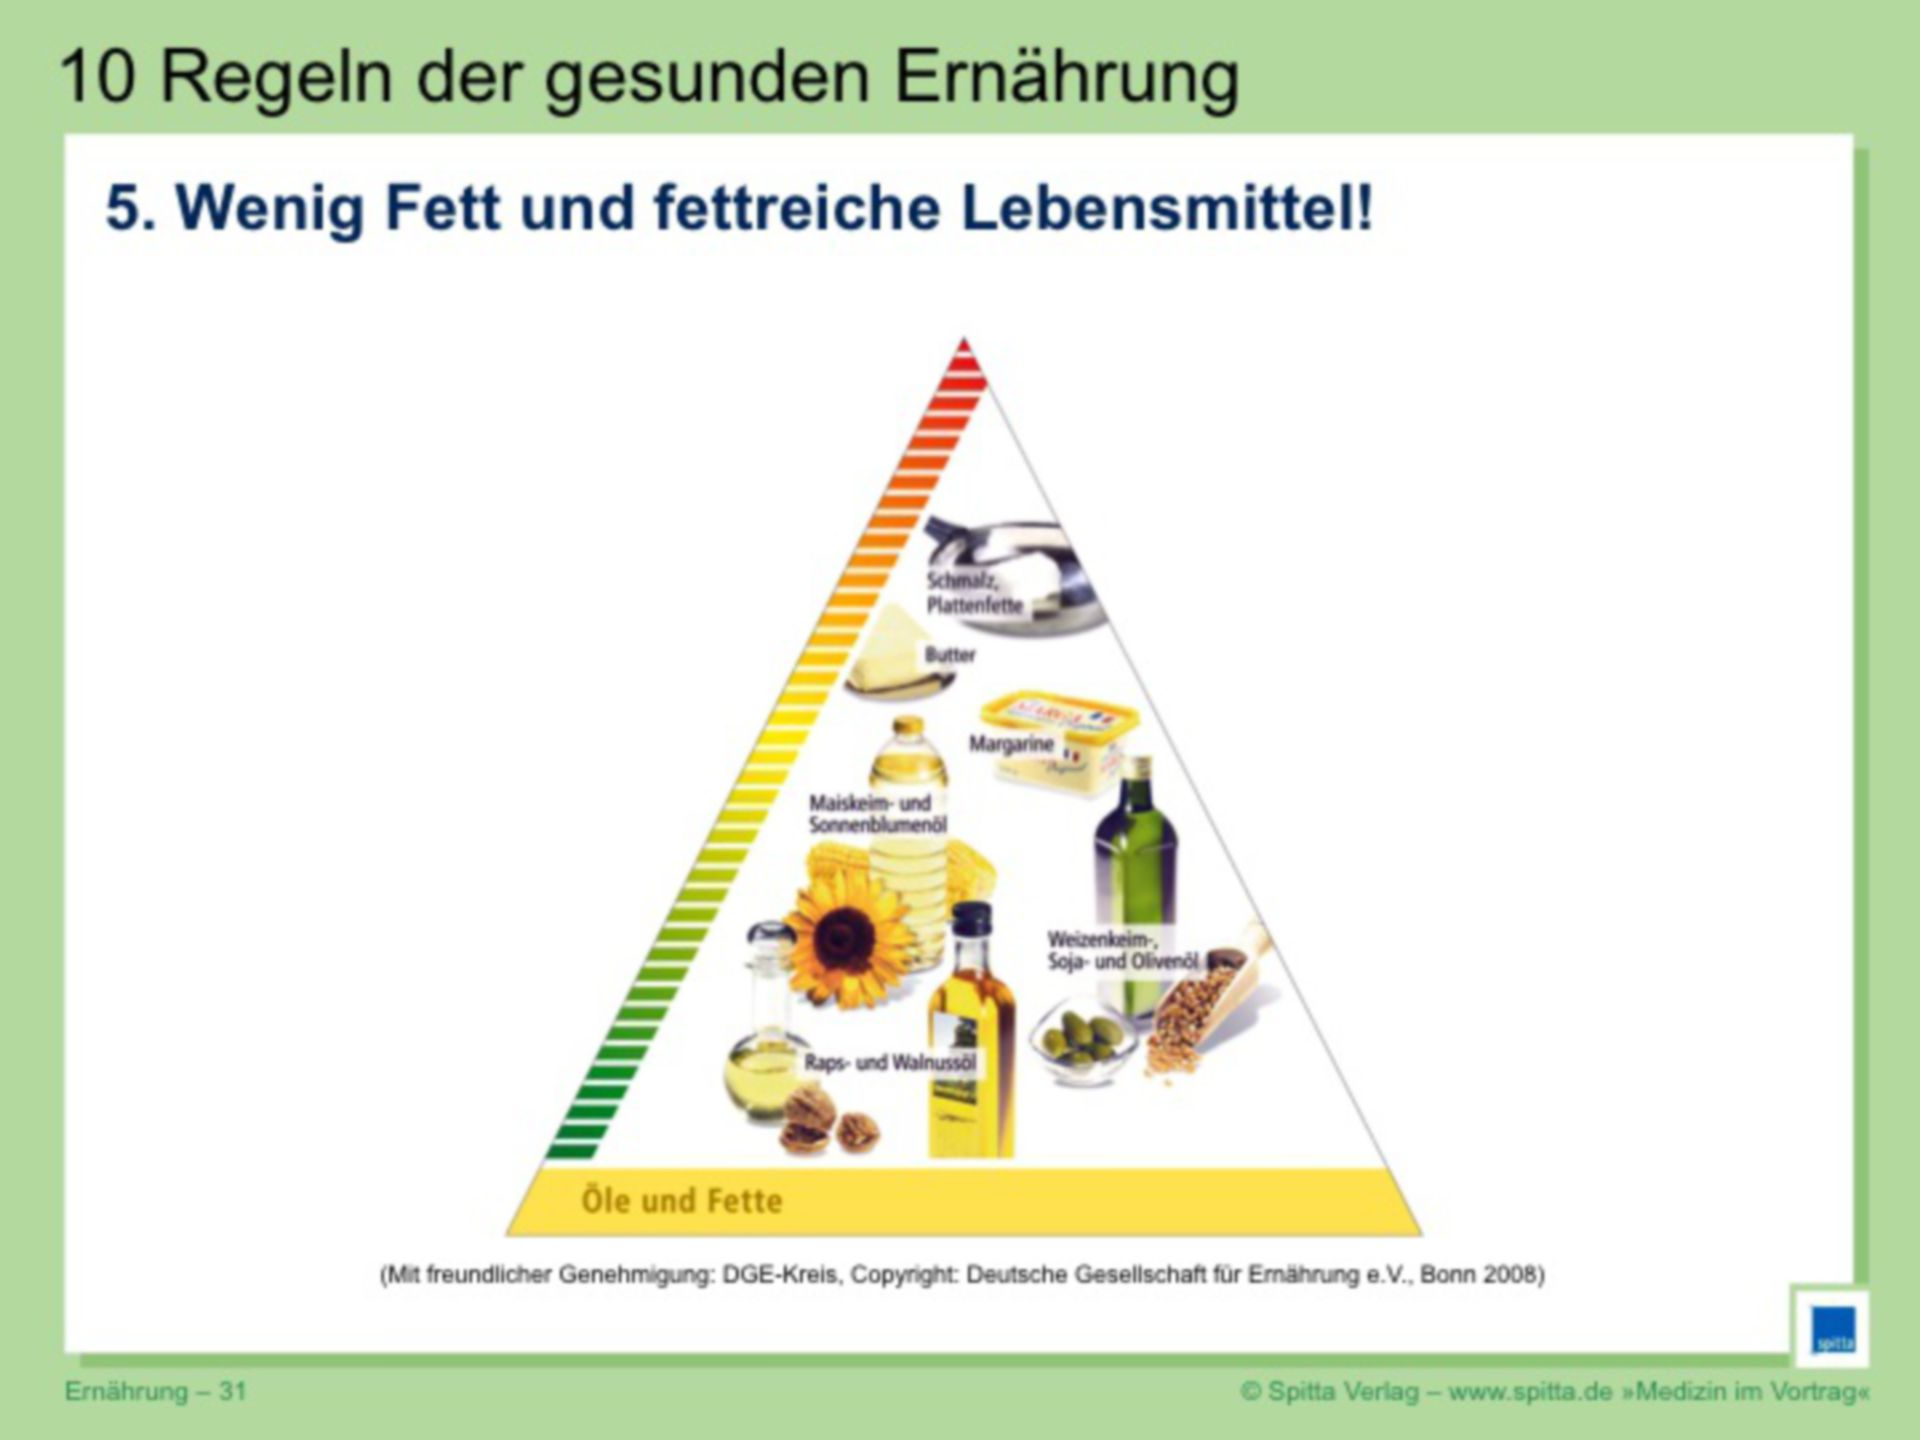 Basso contenuto di grassi e alto contenuto di grassi alimenti